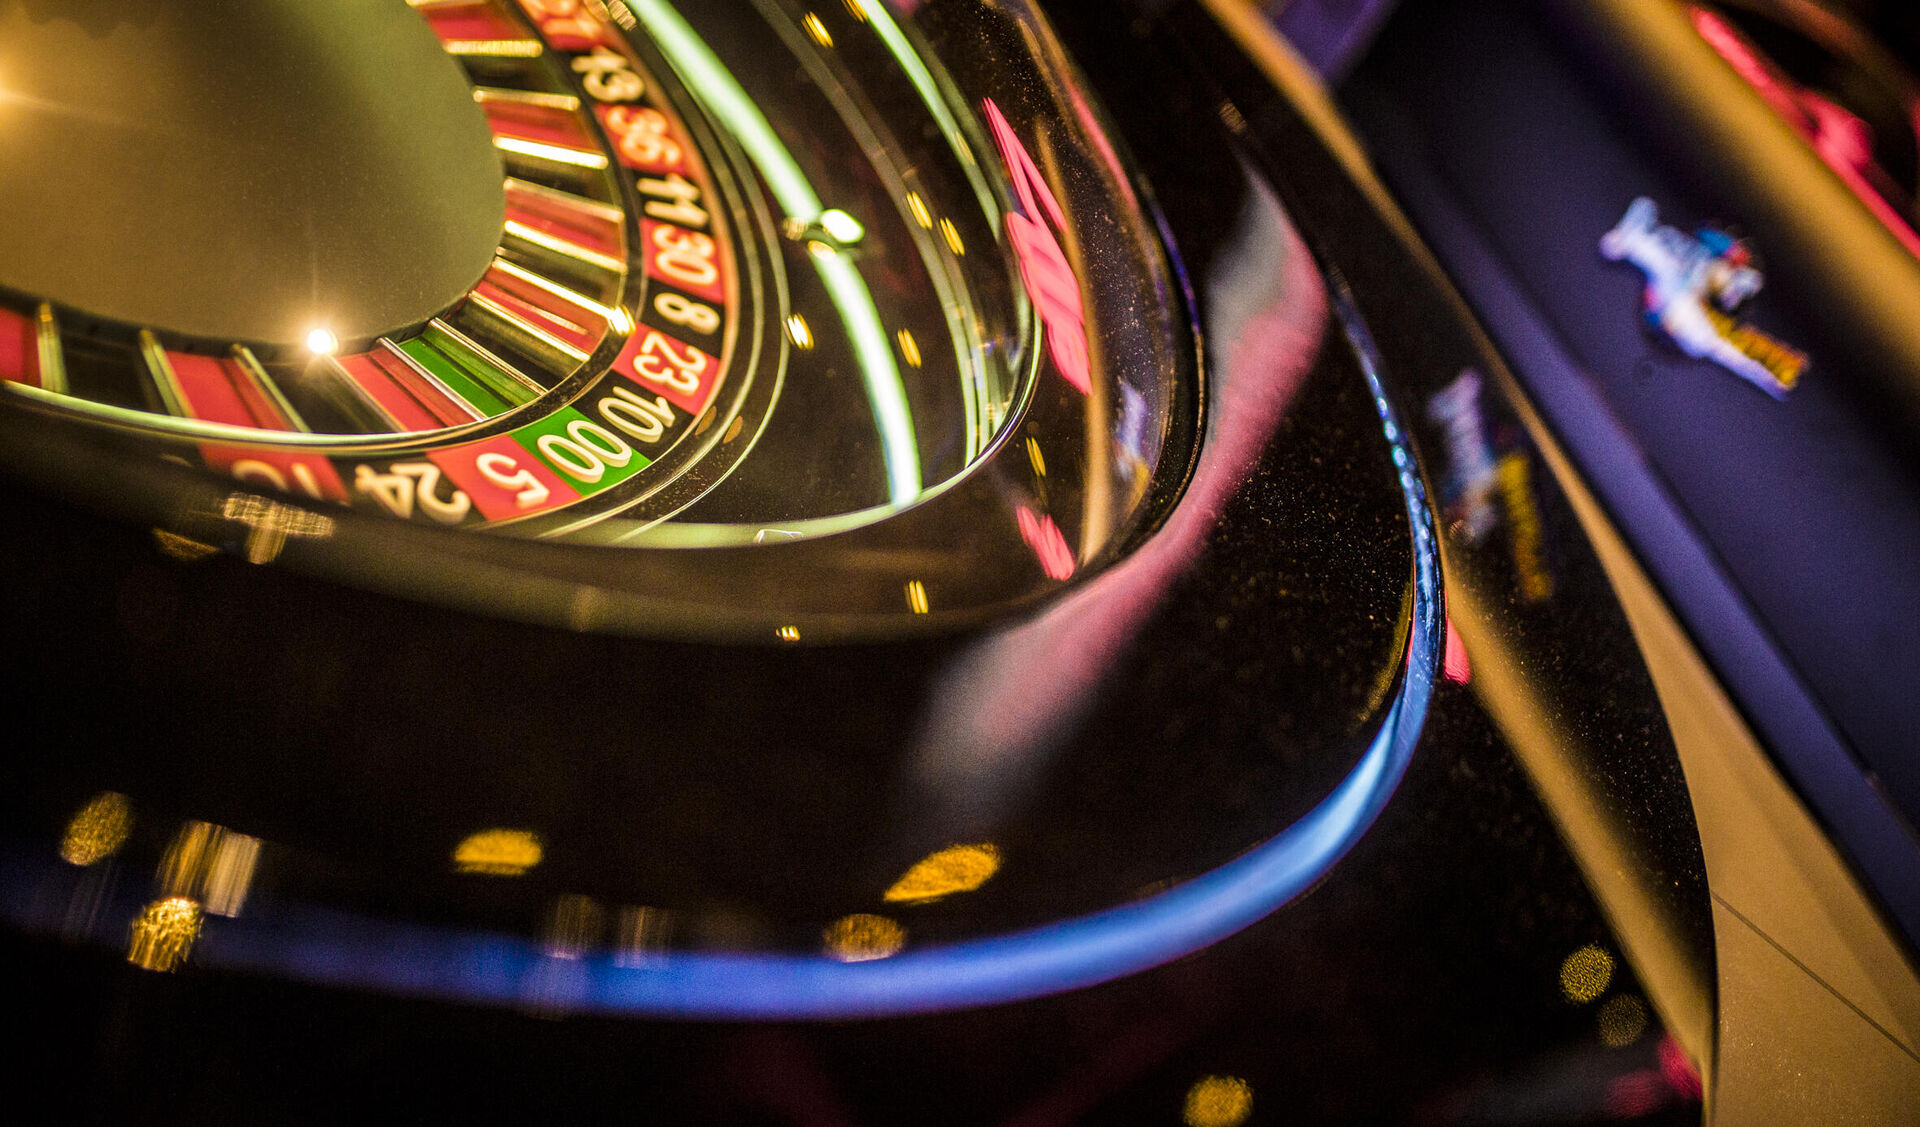 Napoleon Games - Casino Sint-Pieters-Leeuw